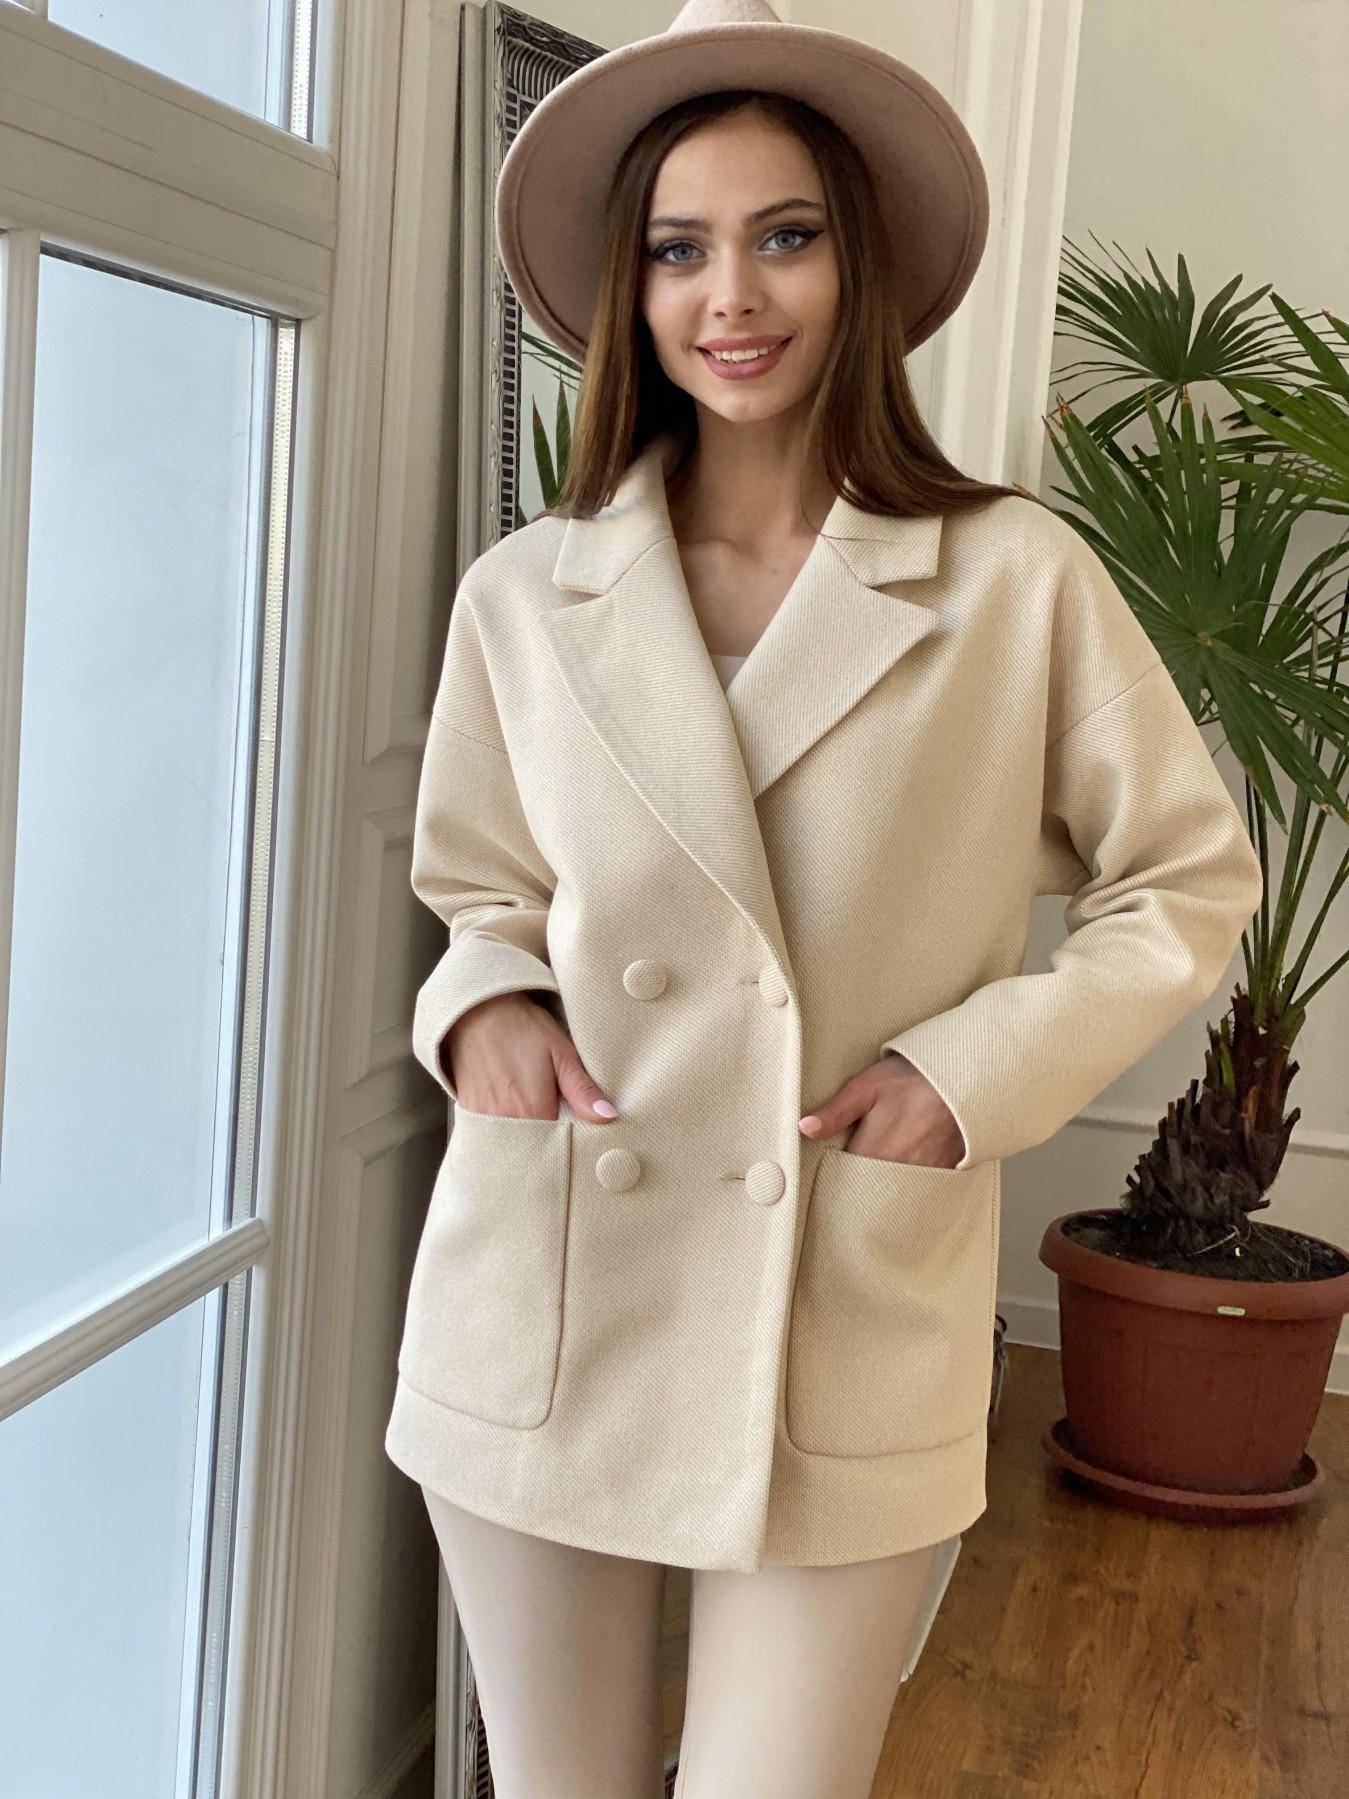 Мансера Флеш  пальто  11069 АРТ. 47560 Цвет: Бежевый мелкий - фото 1, интернет магазин tm-modus.ru